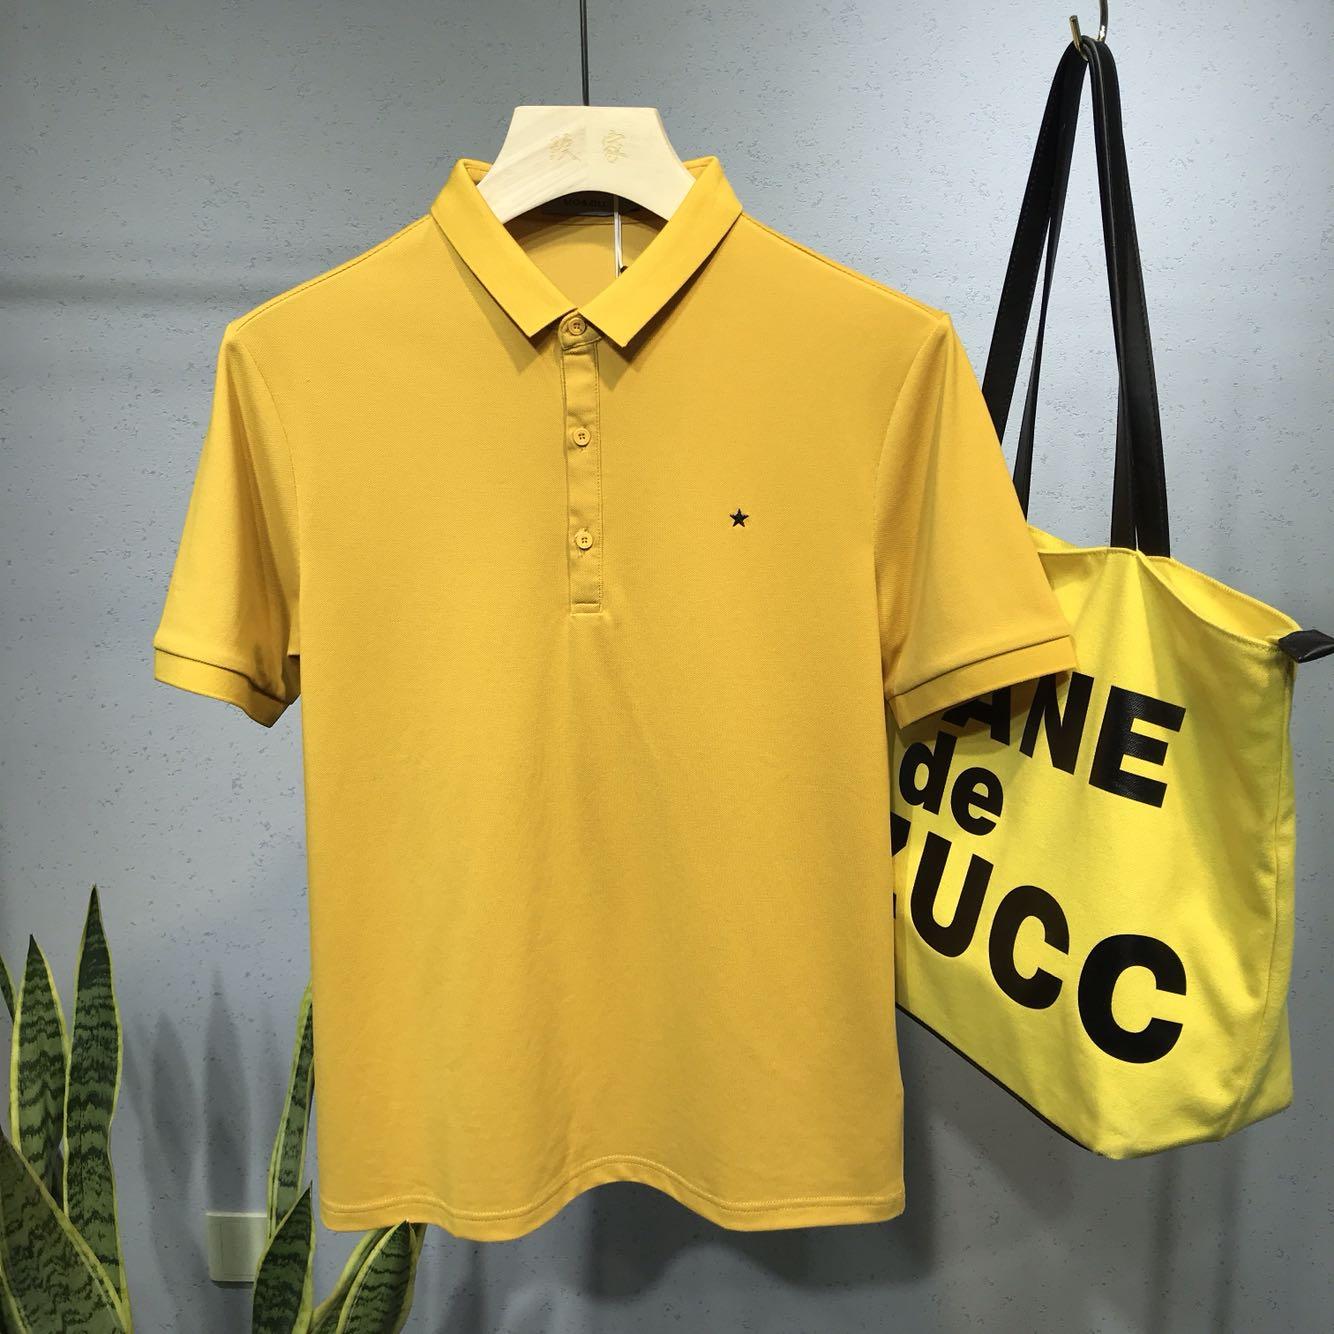 夏季男装新款简约绣标Polo衫短袖男士小翻领t恤韩版修身打底衫潮